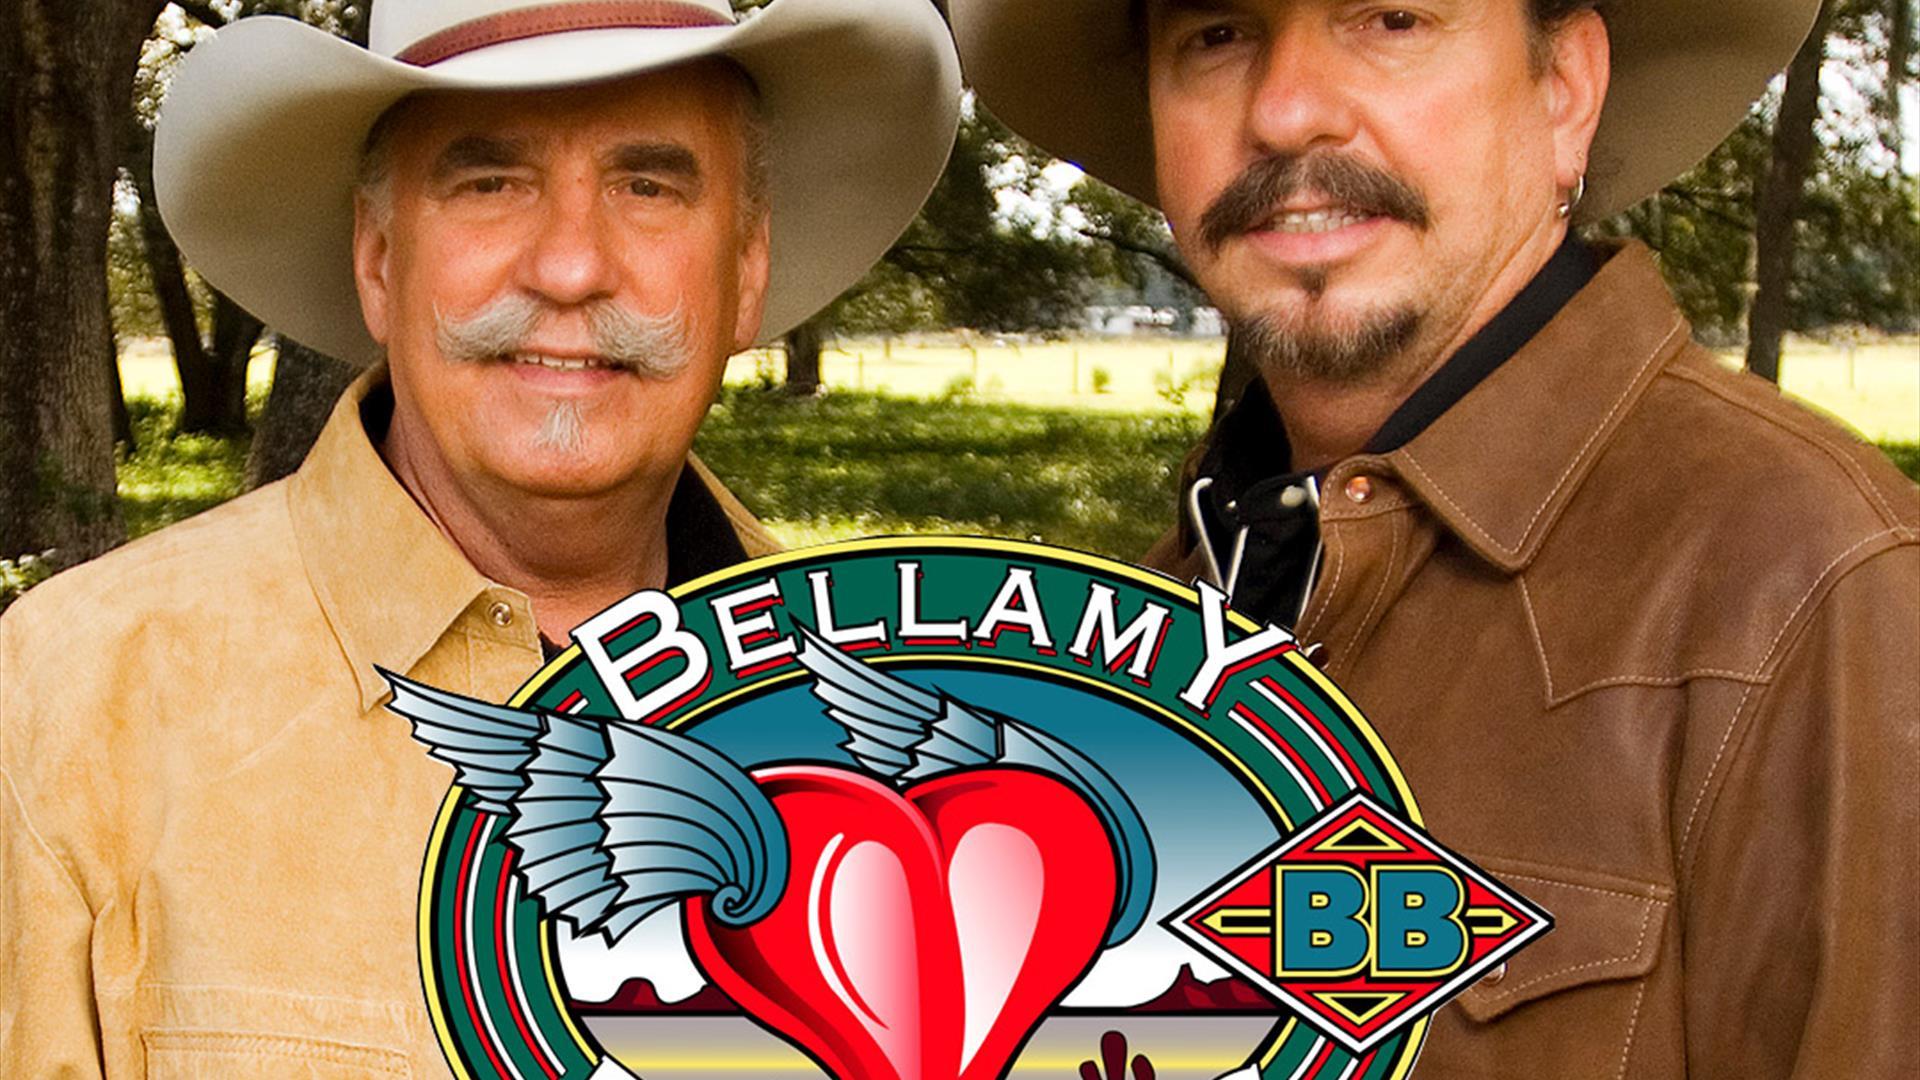 Konsert med The Bellamy Brothers